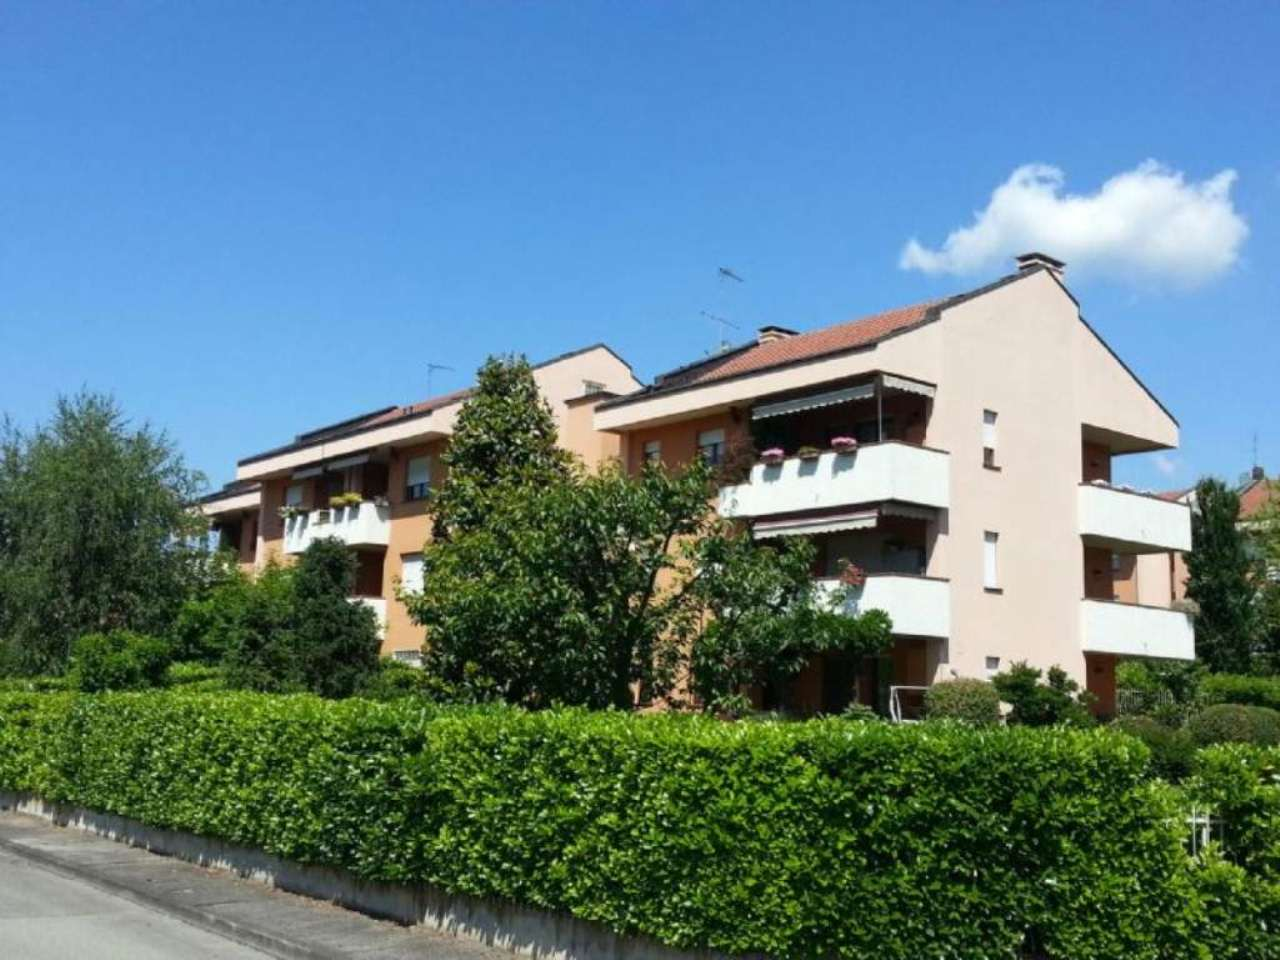 Appartamento in vendita a Trofarello, 5 locali, prezzo € 235.000 | Cambio Casa.it